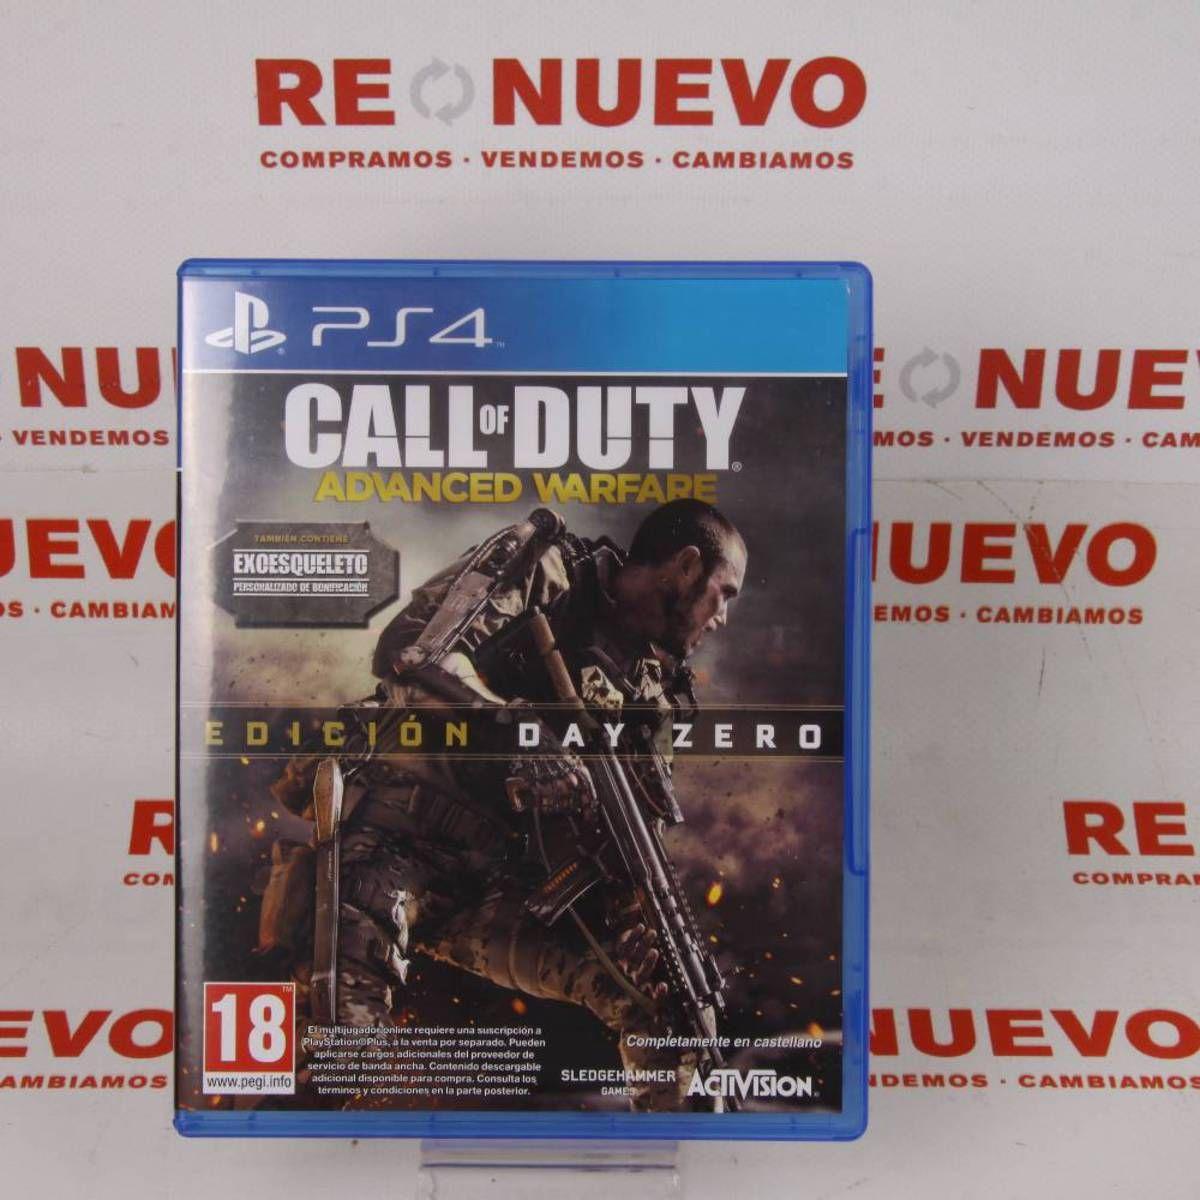 Videojuego PS4 CALL OF DUTY ADVANCE WARFARE E270443 # Videojuego Call of Duty Advance Warfare# de segunda mano # PS4